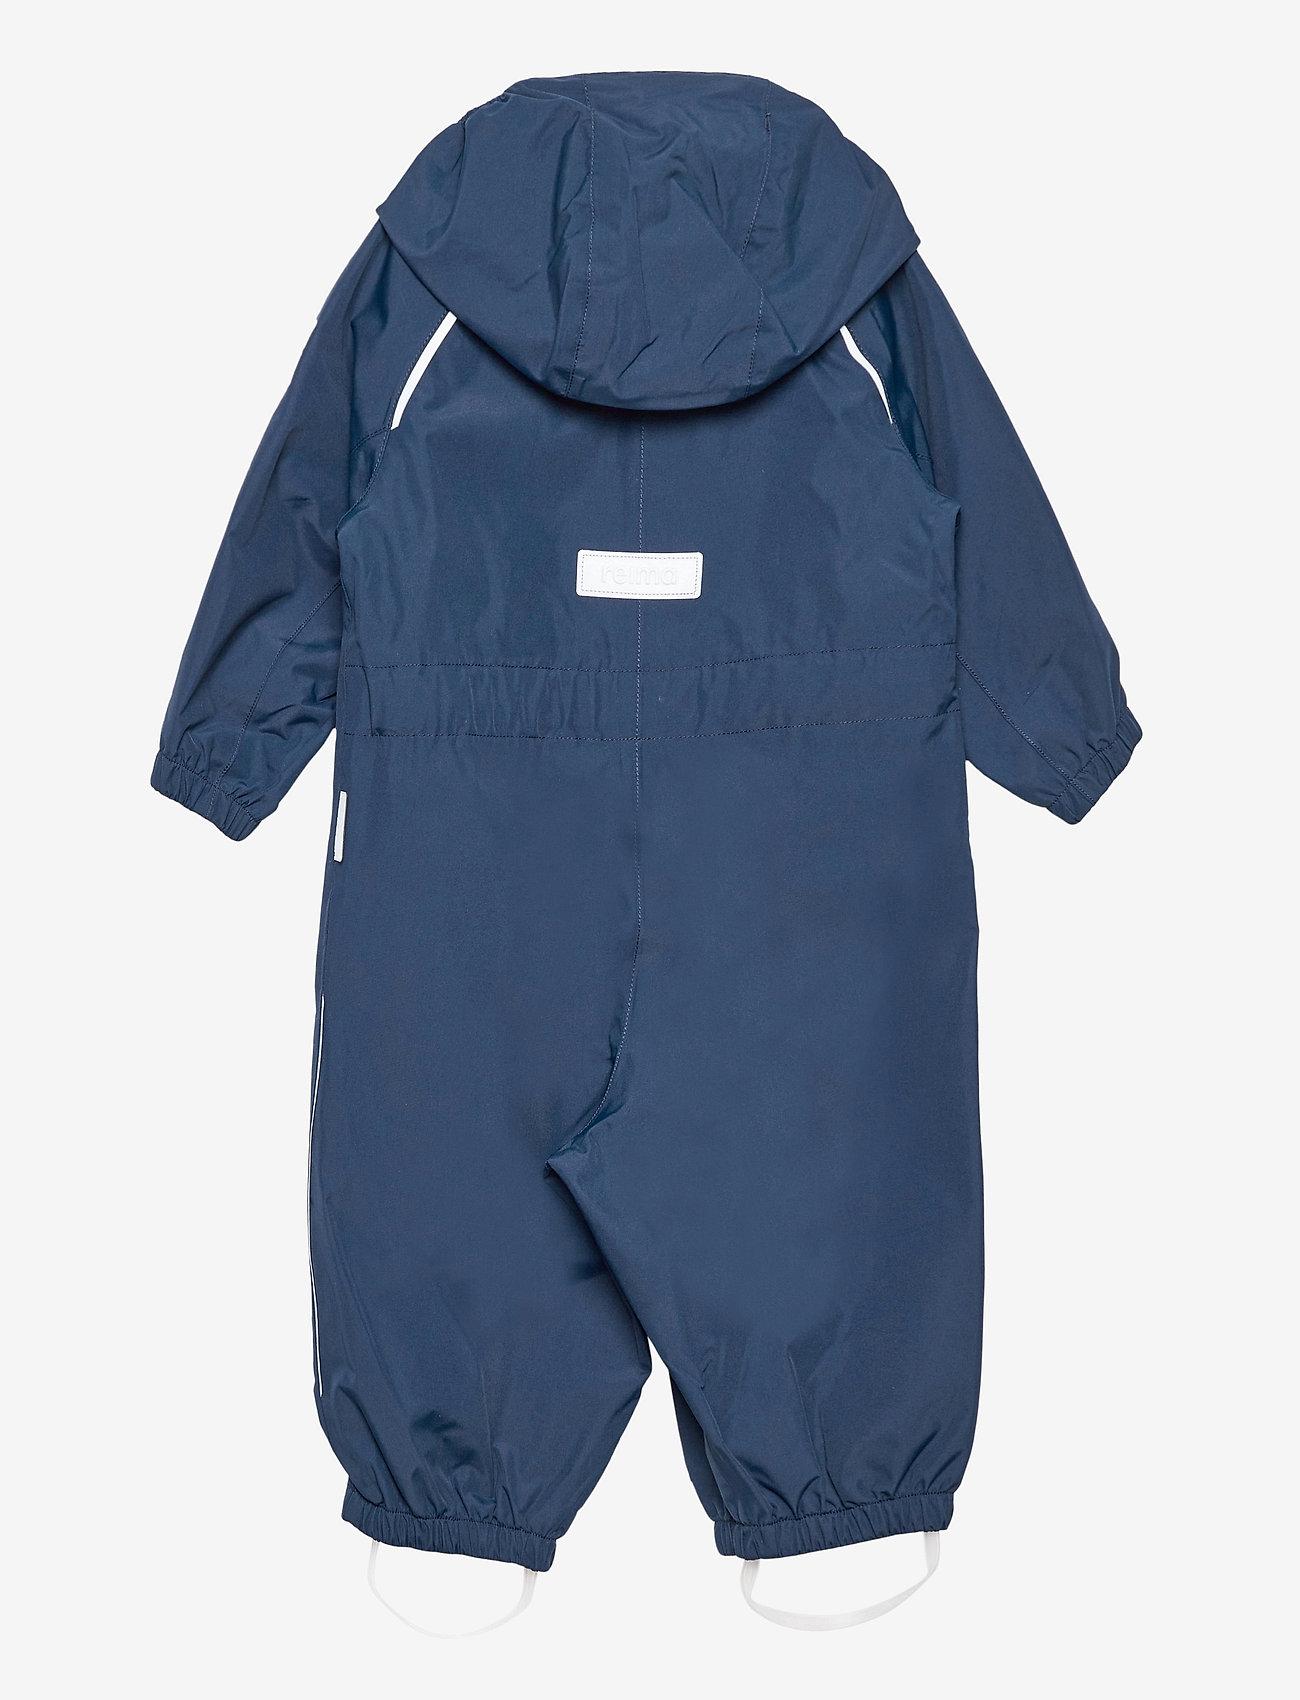 Reima - Hauho - shell clothing - navy - 1